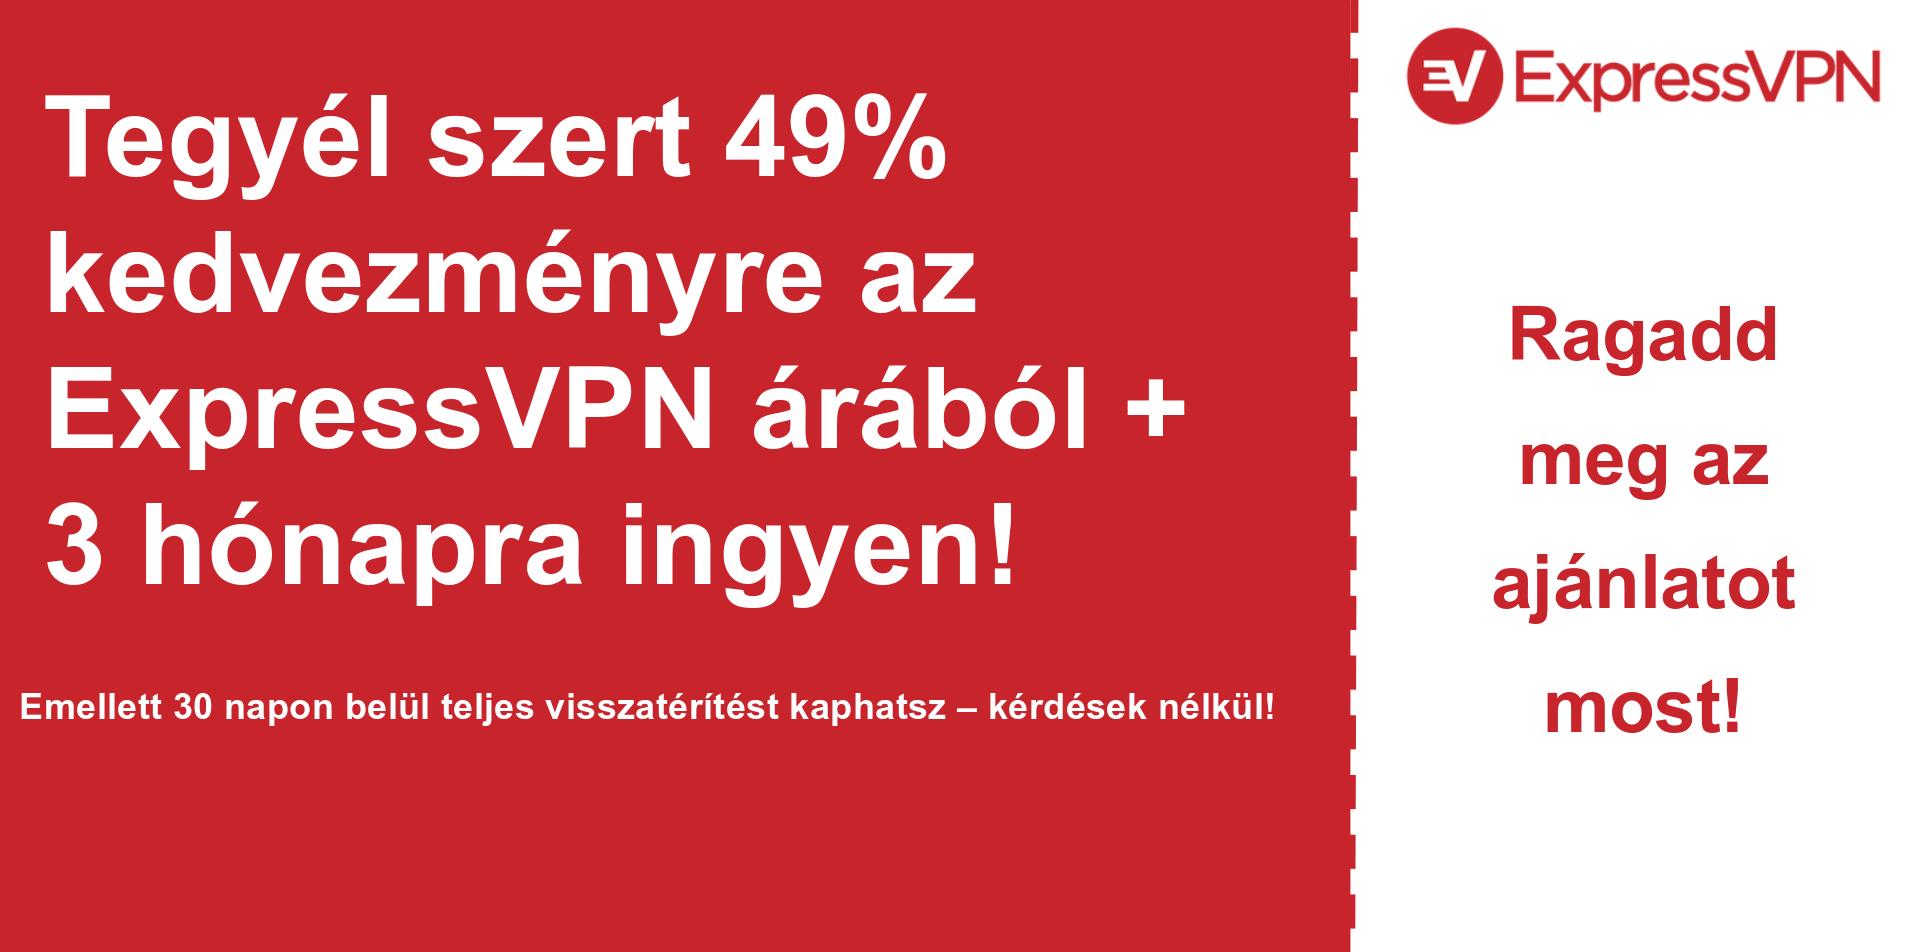 Az ExpressVPN fő kupon szalaghirdetésének grafikonja, amely 49% kedvezményt mutat